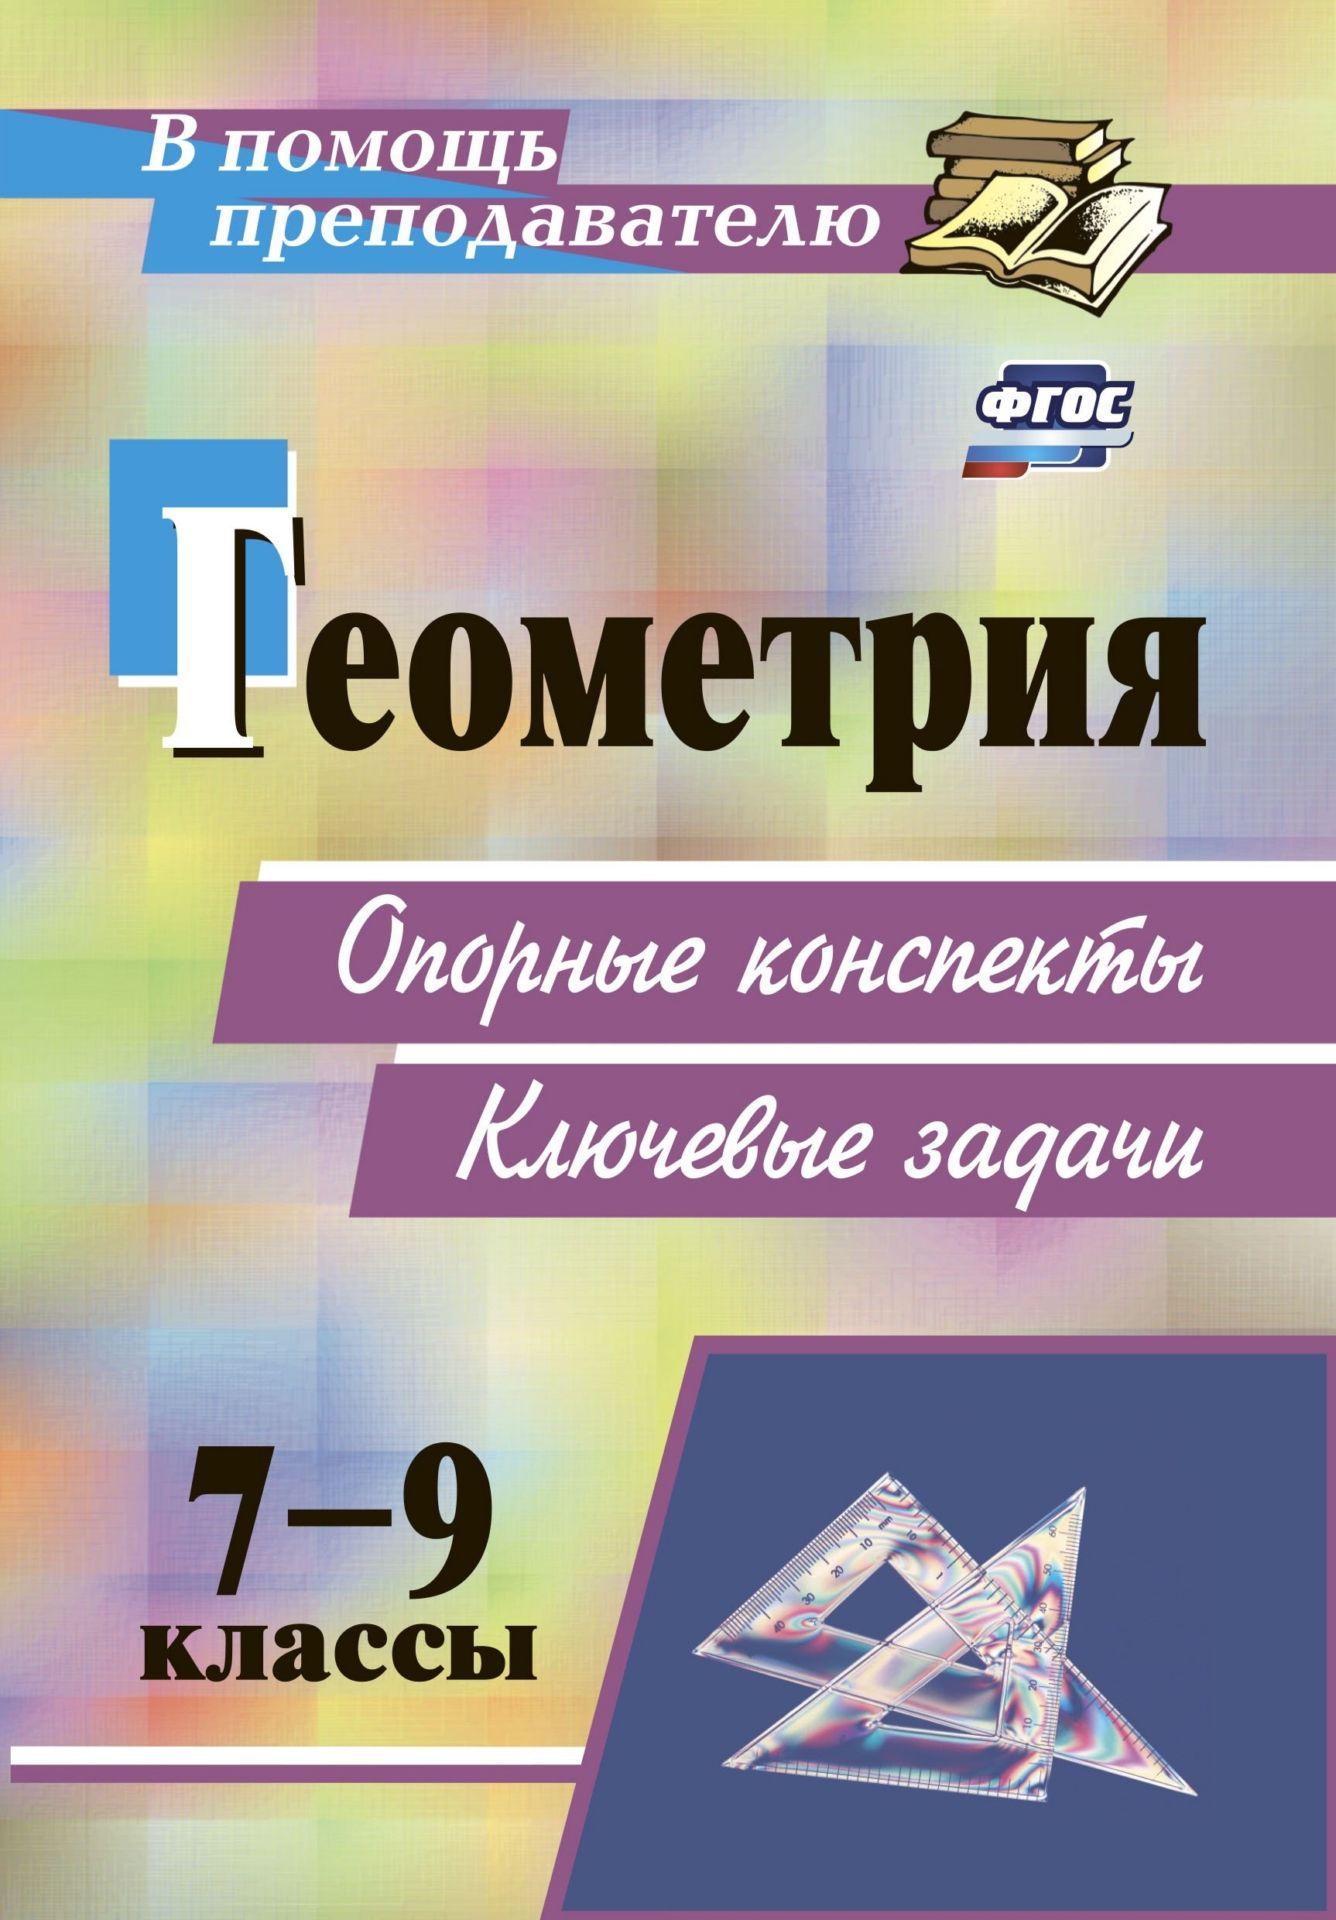 Геометрия. 7-9 классы: опорные конспекты. Ключевые задачи